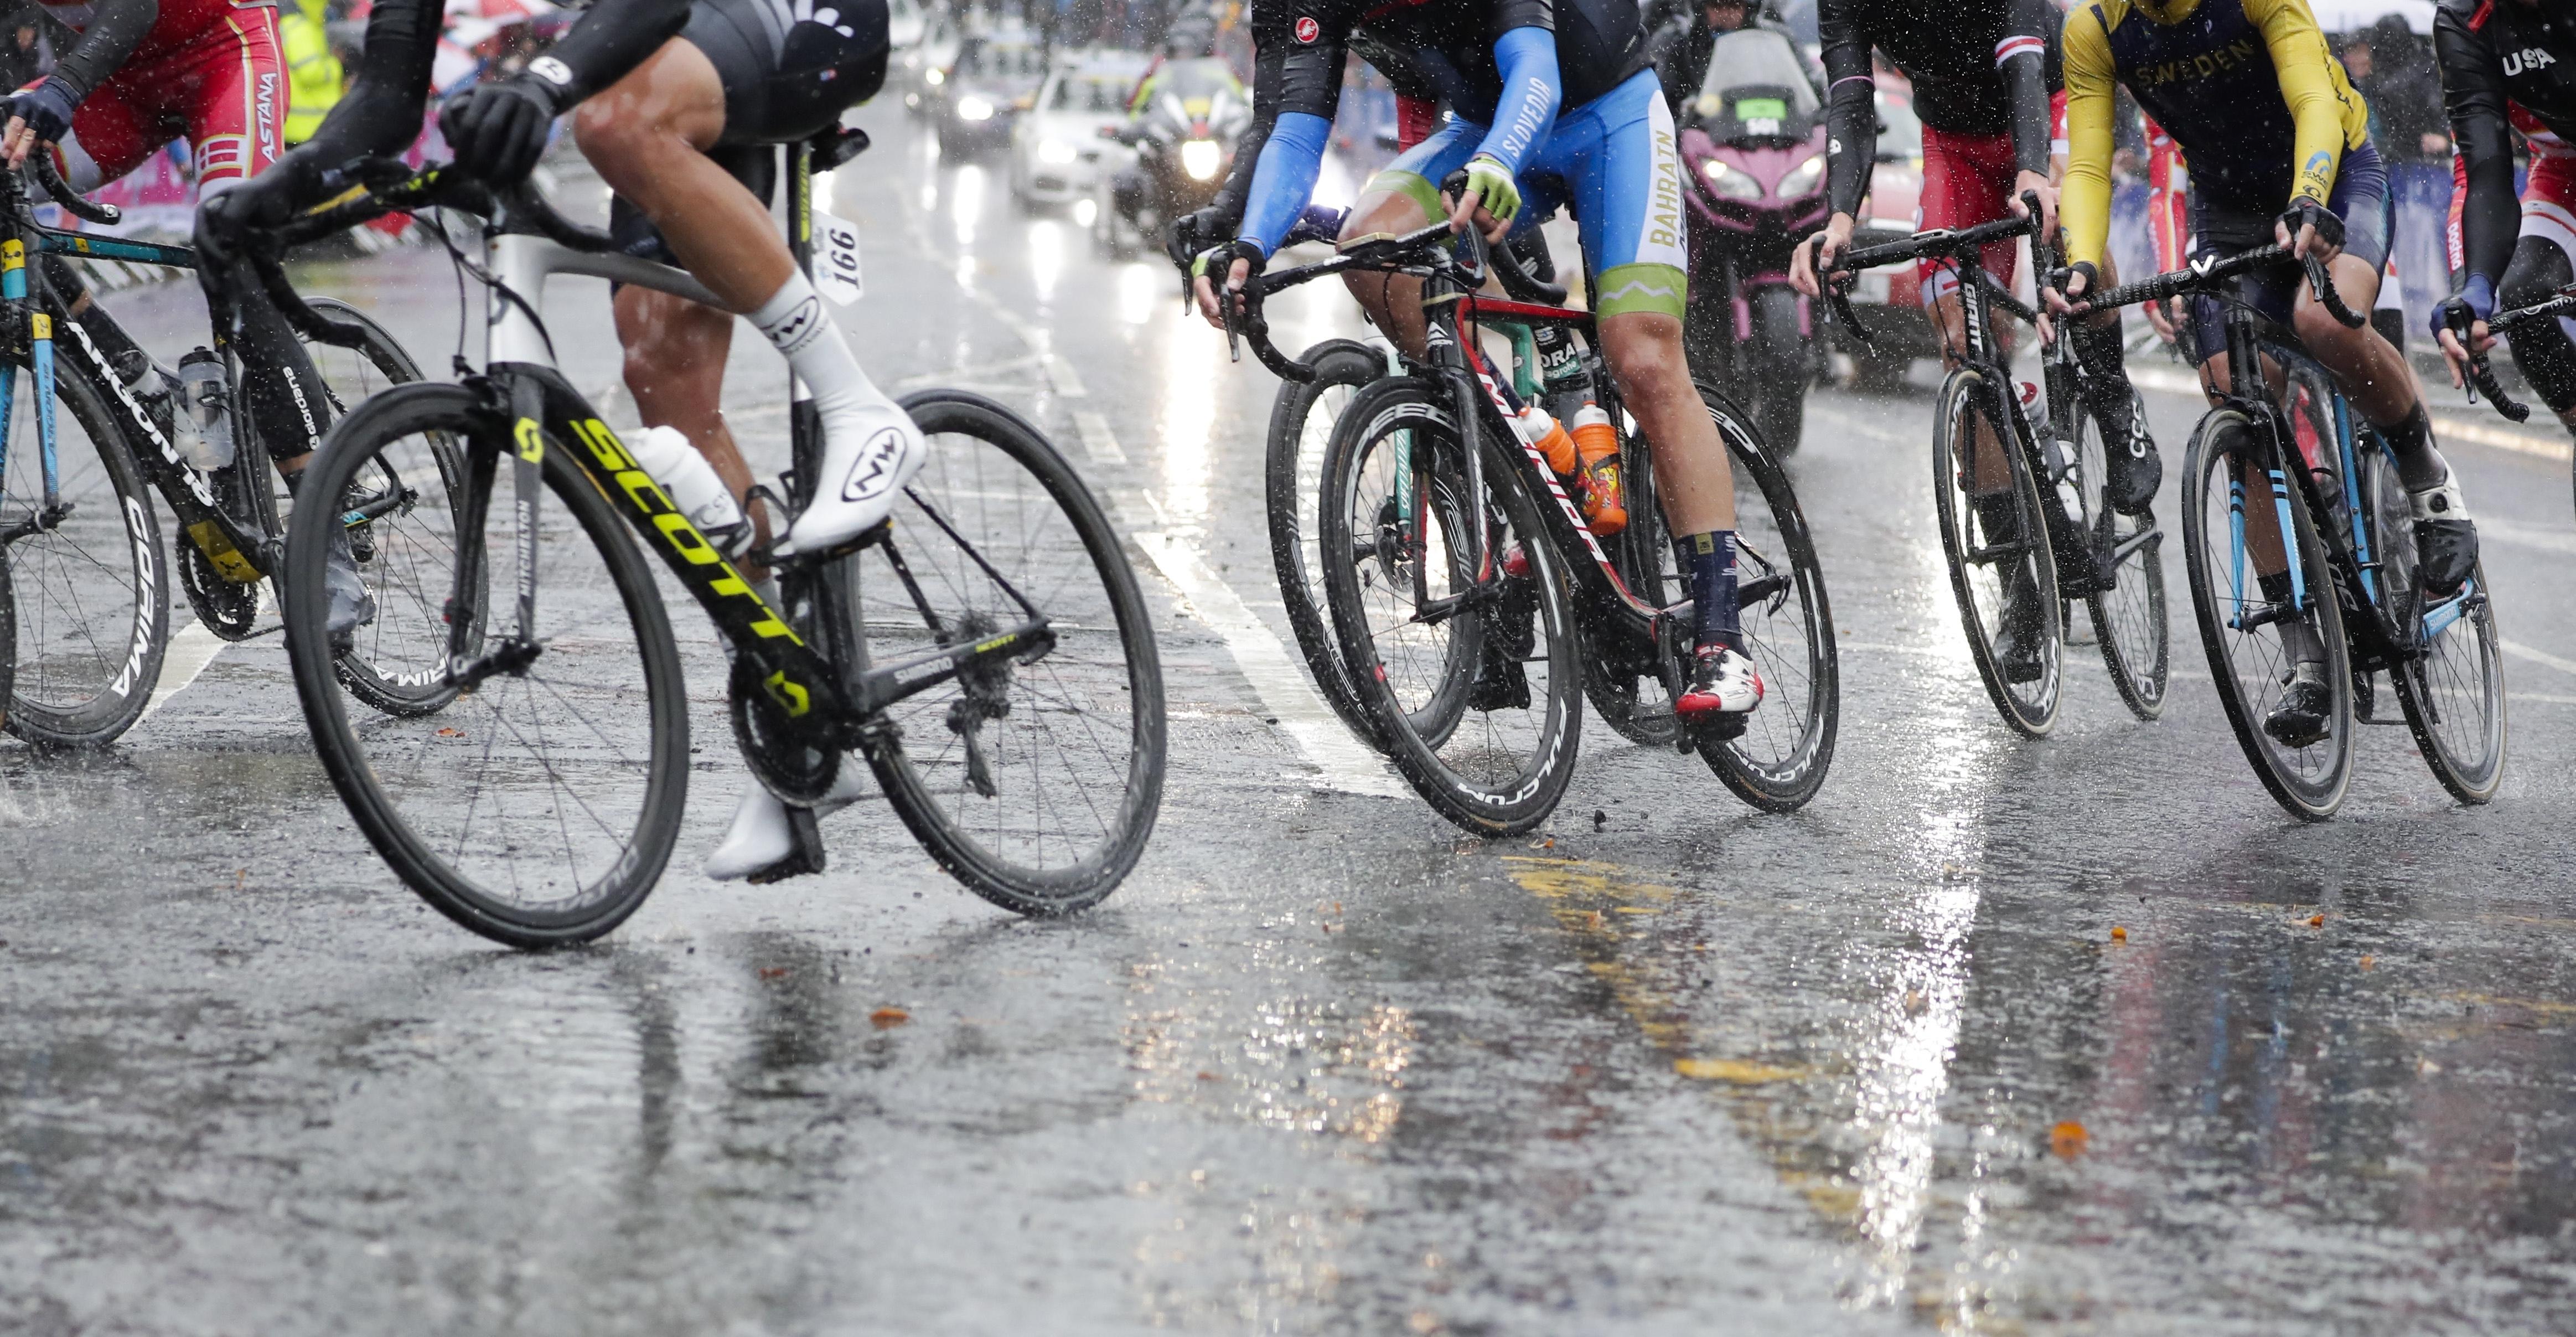 Las duras condiciones climáticas, con lluvia durante todo el día, no sólo provocaron el recorte del kilometraje de la prueba, sino que endureció de tal manera la carrera que muchos de los grandes favoritos al título tuvieron que retirarse